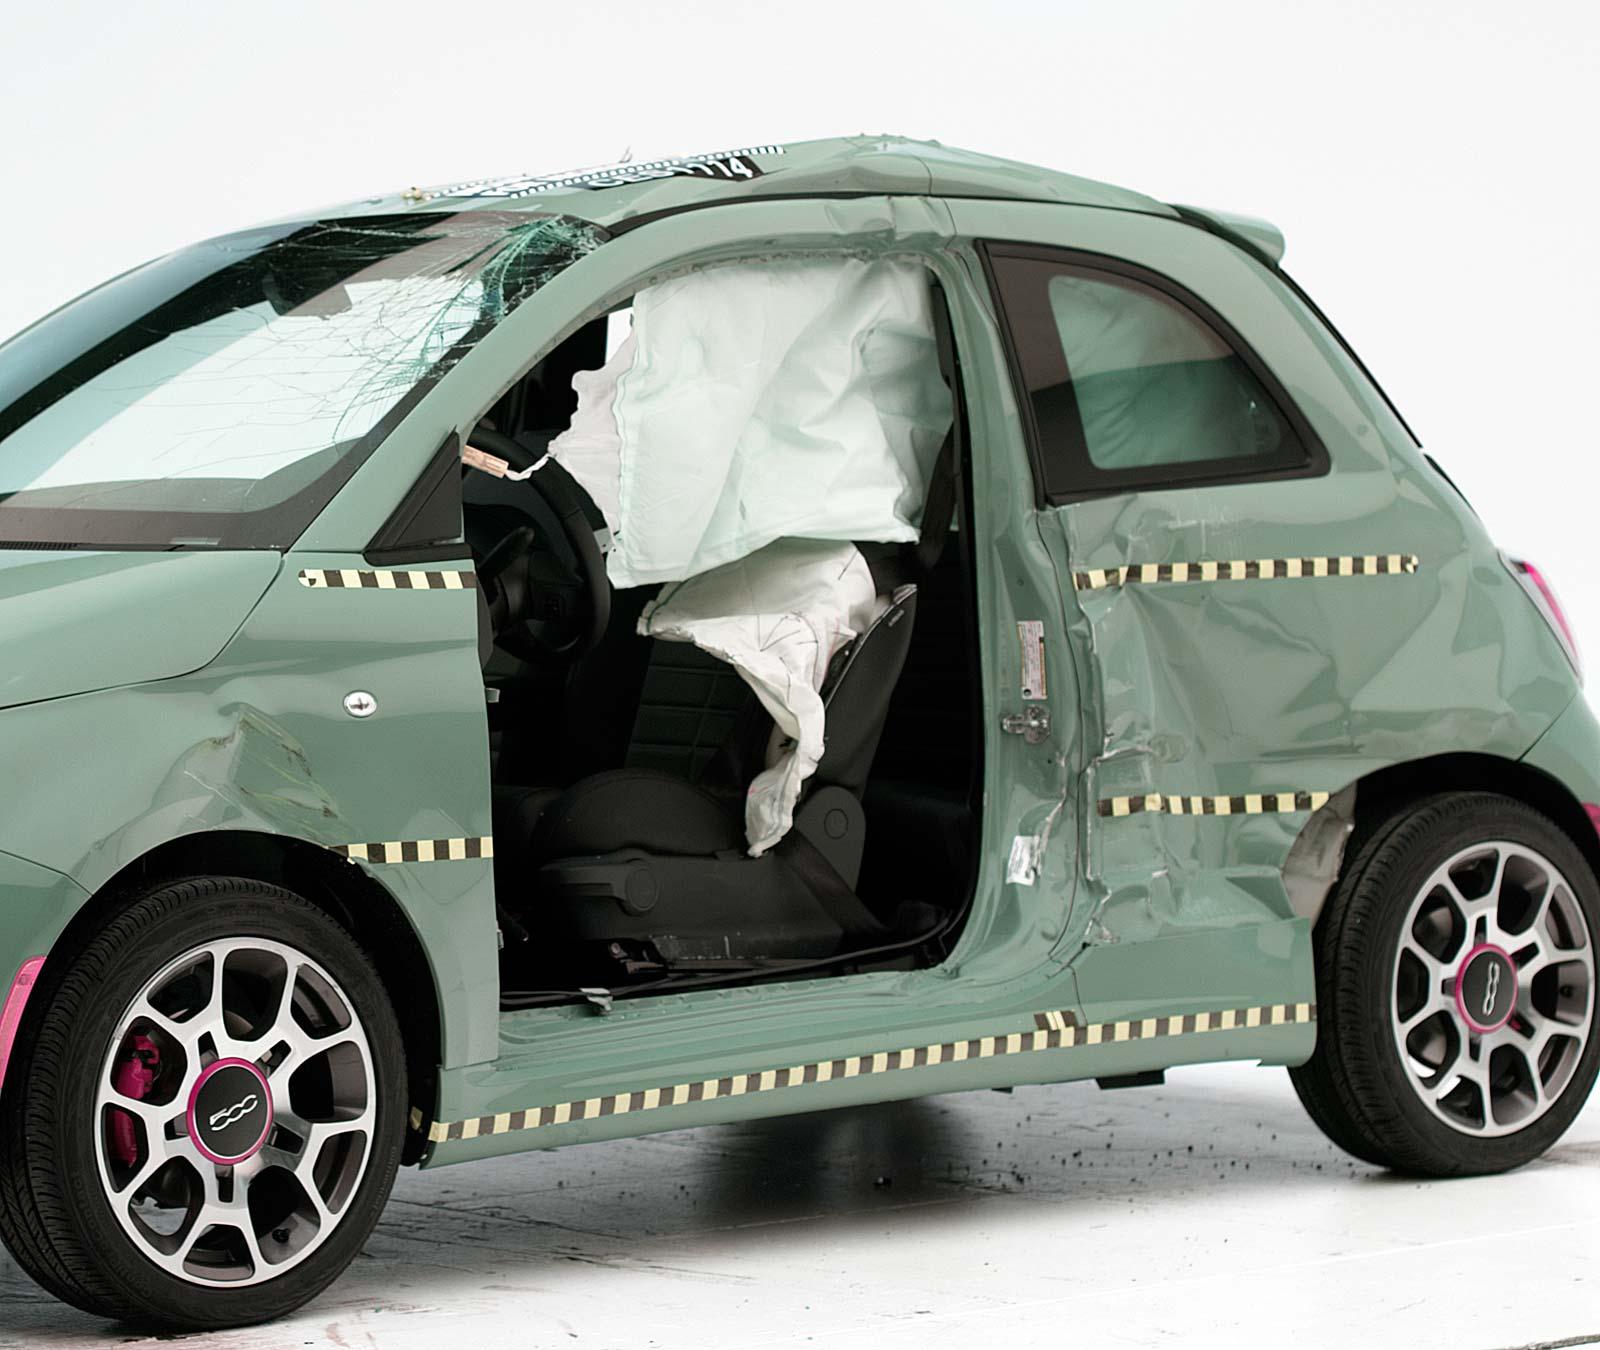 2019 Fiat 500: 2019 Fiat 500